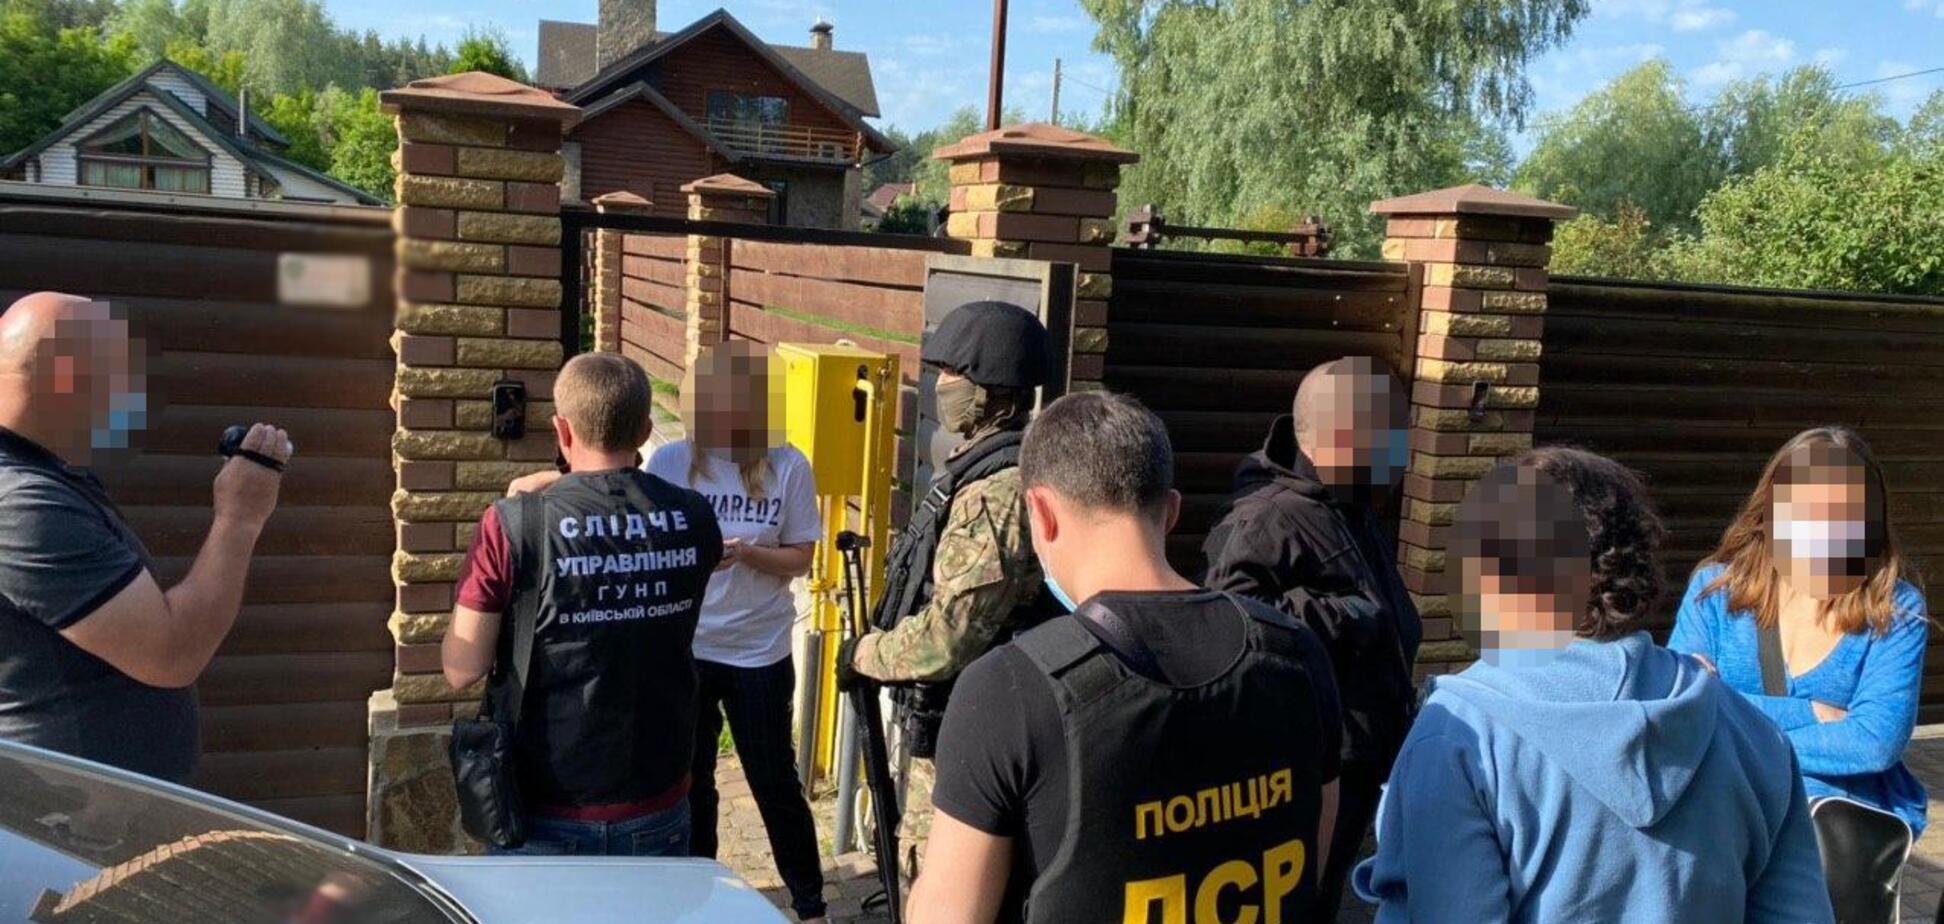 Одному из организаторов перестрелки в Броварах объявлено подозрение